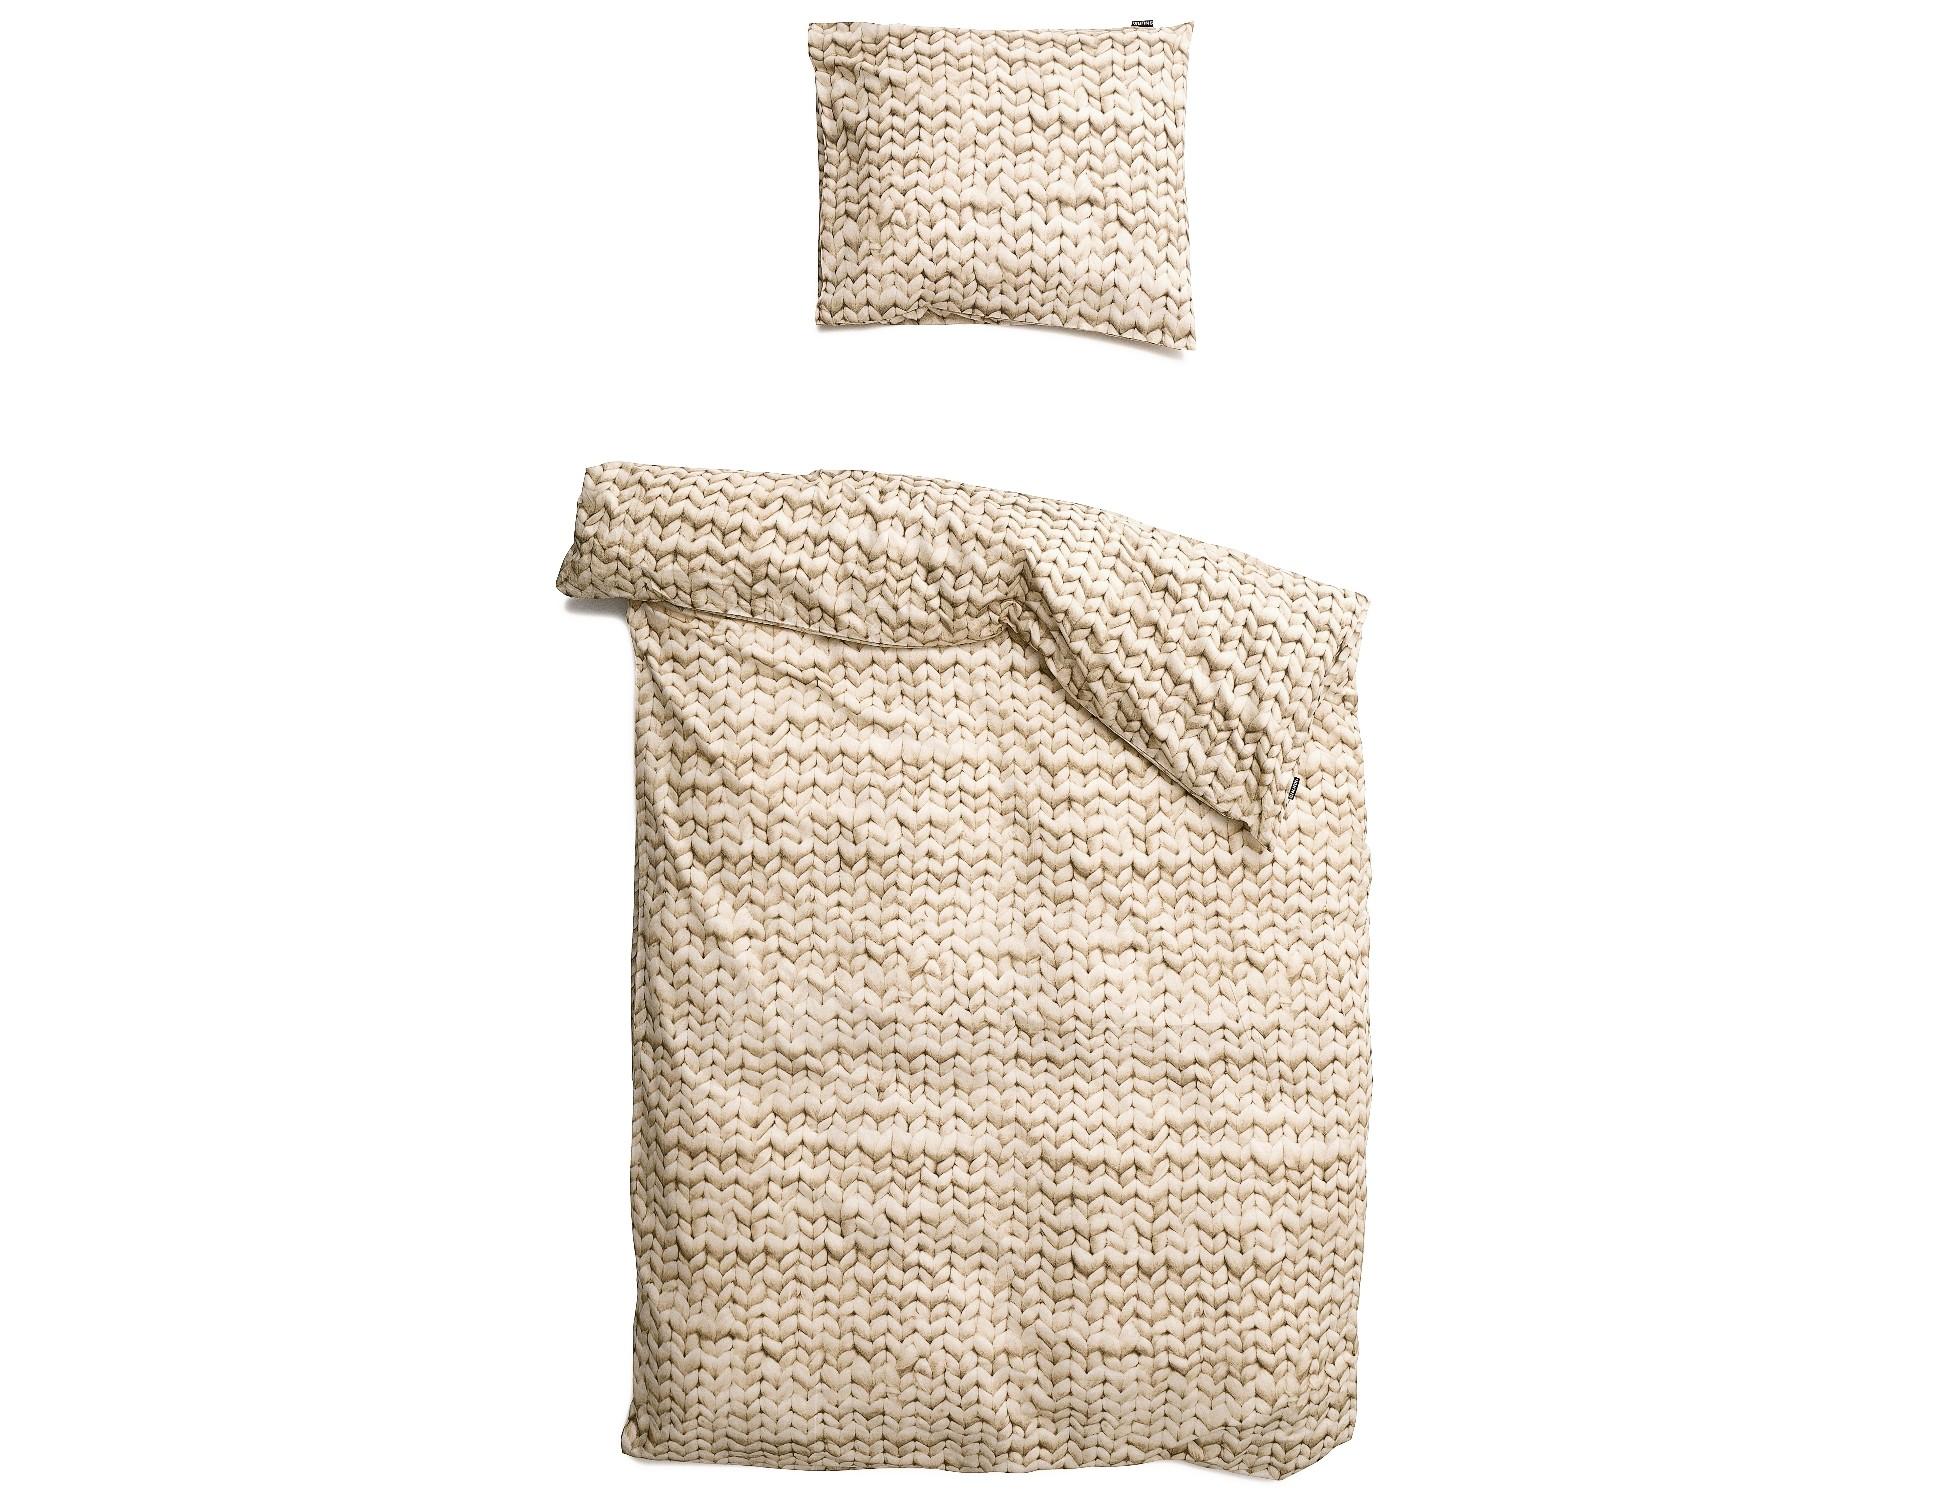 Комплект постельного белья Косичка бежевыйПолутороспальные комлпекты постельного белья<br>Этот мягкий узор связан очень большими спицами, а клубки шерсти были размером с баскетбольные мячи. Все для того, что бы внести уют и тепло в вашу спальню в холодные зимние ночи.&amp;amp;nbsp;&amp;lt;div&amp;gt;&amp;lt;br&amp;gt;&amp;lt;/div&amp;gt;&amp;lt;div&amp;gt;Материал: 100% хлопок ПЕРКАЛЬ (плотность ткани 214г/м2).&amp;amp;nbsp;&amp;lt;/div&amp;gt;&amp;lt;div&amp;gt;&amp;lt;span style=&amp;quot;line-height: 1.78571;&amp;quot;&amp;gt;В комплект входит: пододеяльник 150х200 см - 1 шт, наволочка 50х70 см - 1 шт.&amp;lt;/span&amp;gt;&amp;lt;/div&amp;gt;<br><br>Material: Хлопок<br>Length см: 200<br>Width см: 150